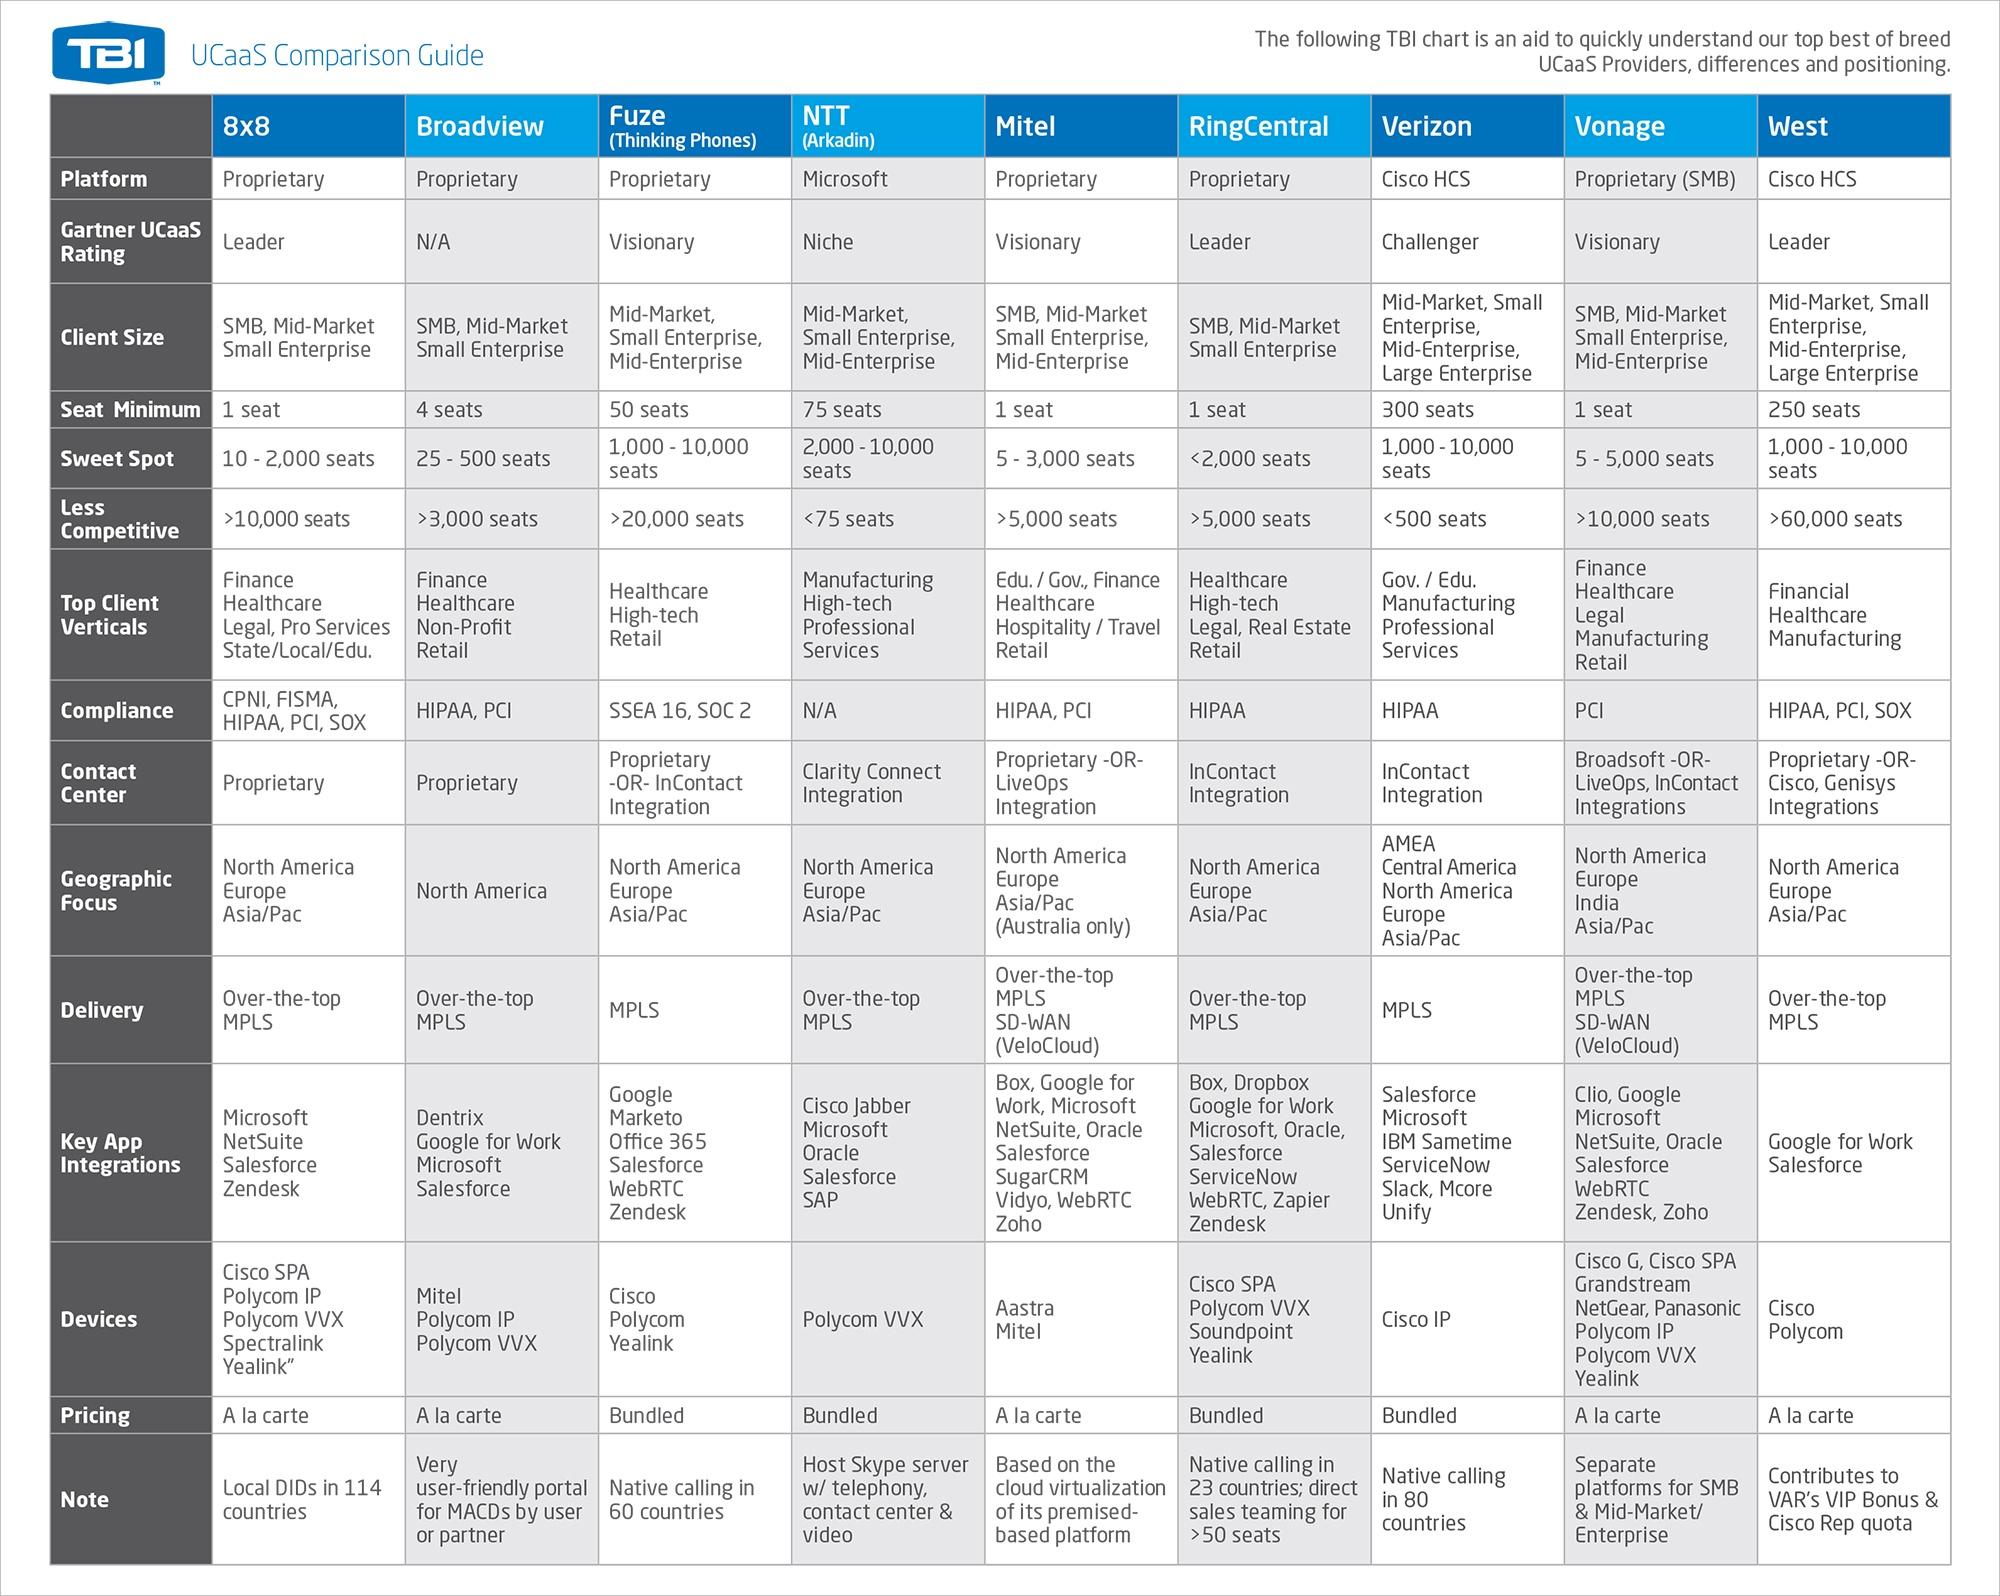 UCaaS-Comparison-Guide_Final.jpg